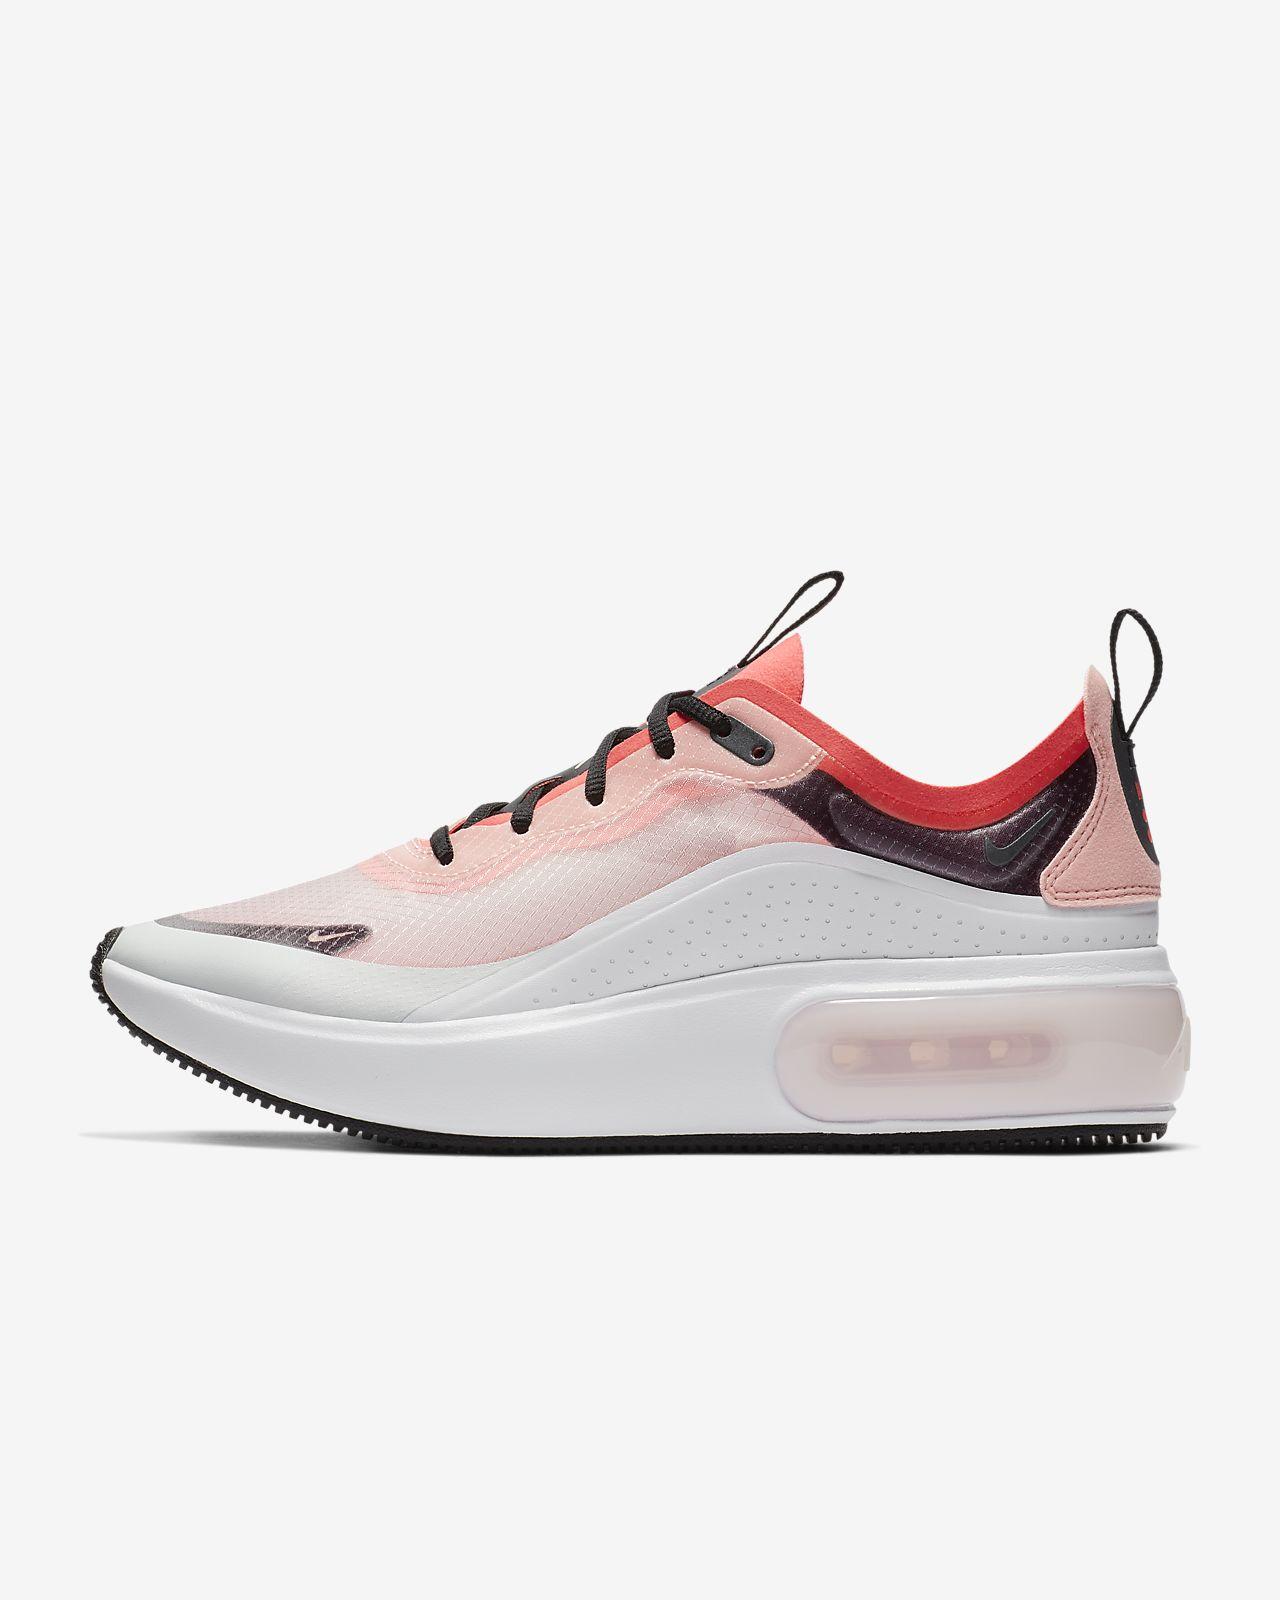 check out 165aa 4981b ... Calzado para mujer Nike Air Max Dia SE QS